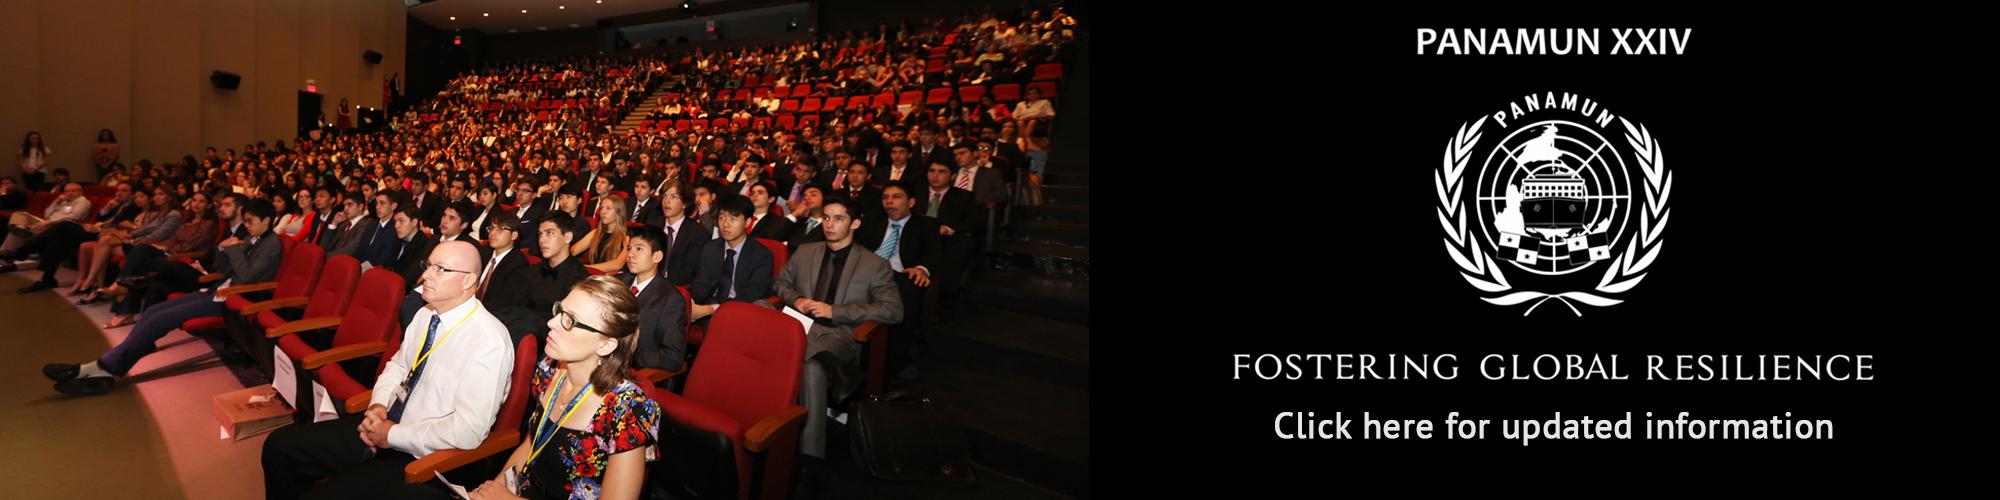 2016 PANAMUN XXIV Conference